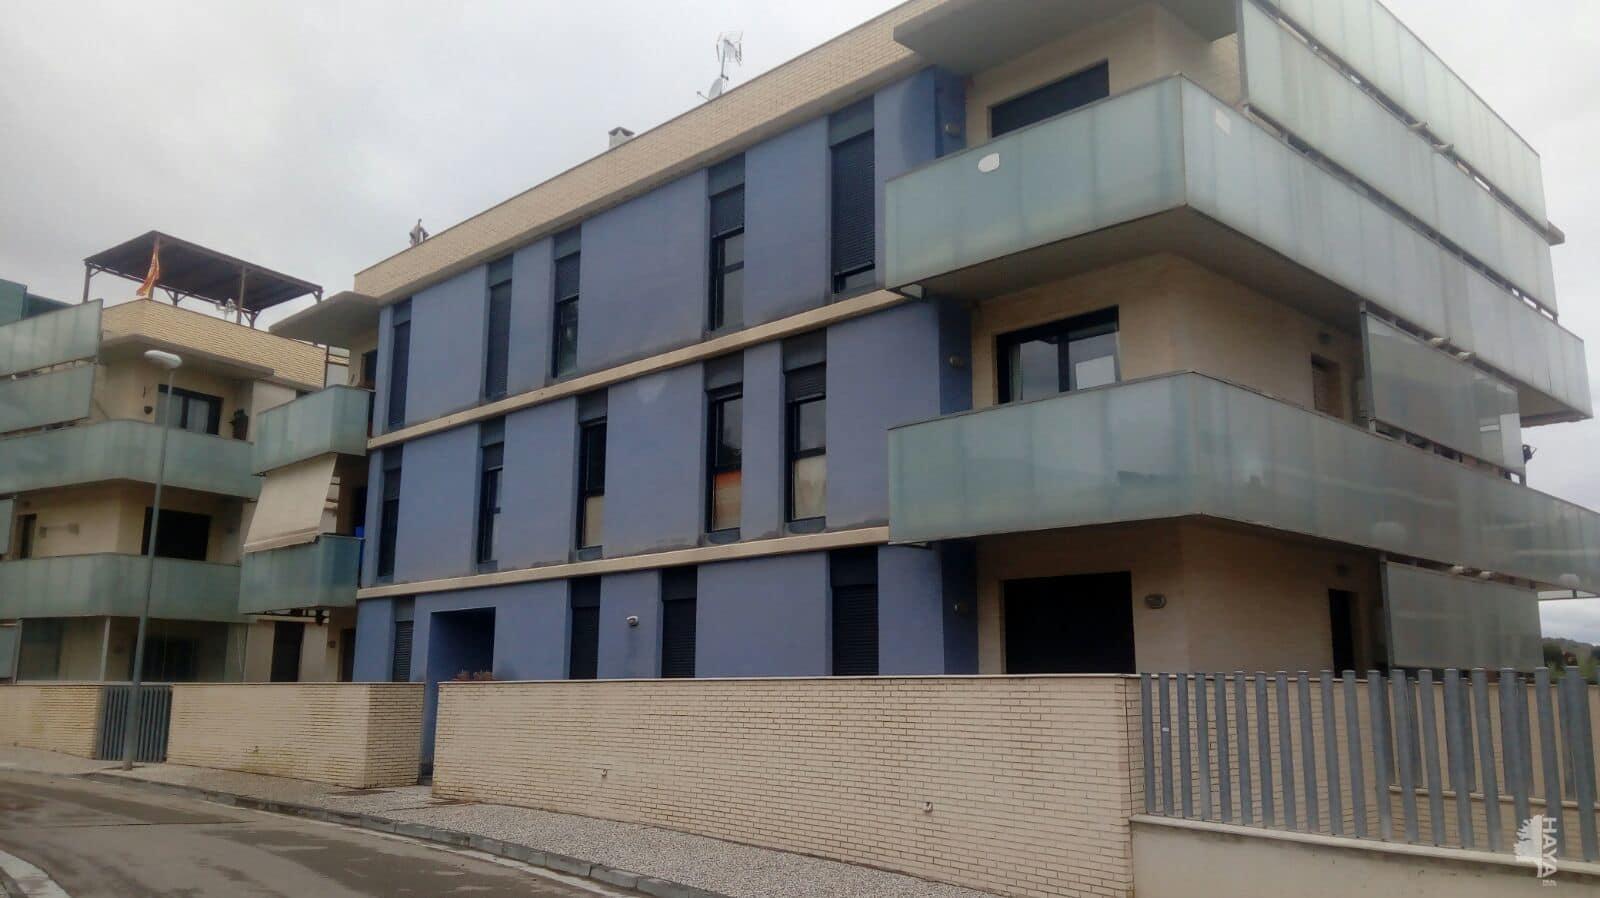 Piso en venta en Cadrete, Zaragoza, Calle Ramon Y Cajal, 87.000 €, 2 habitaciones, 1 baño, 77 m2